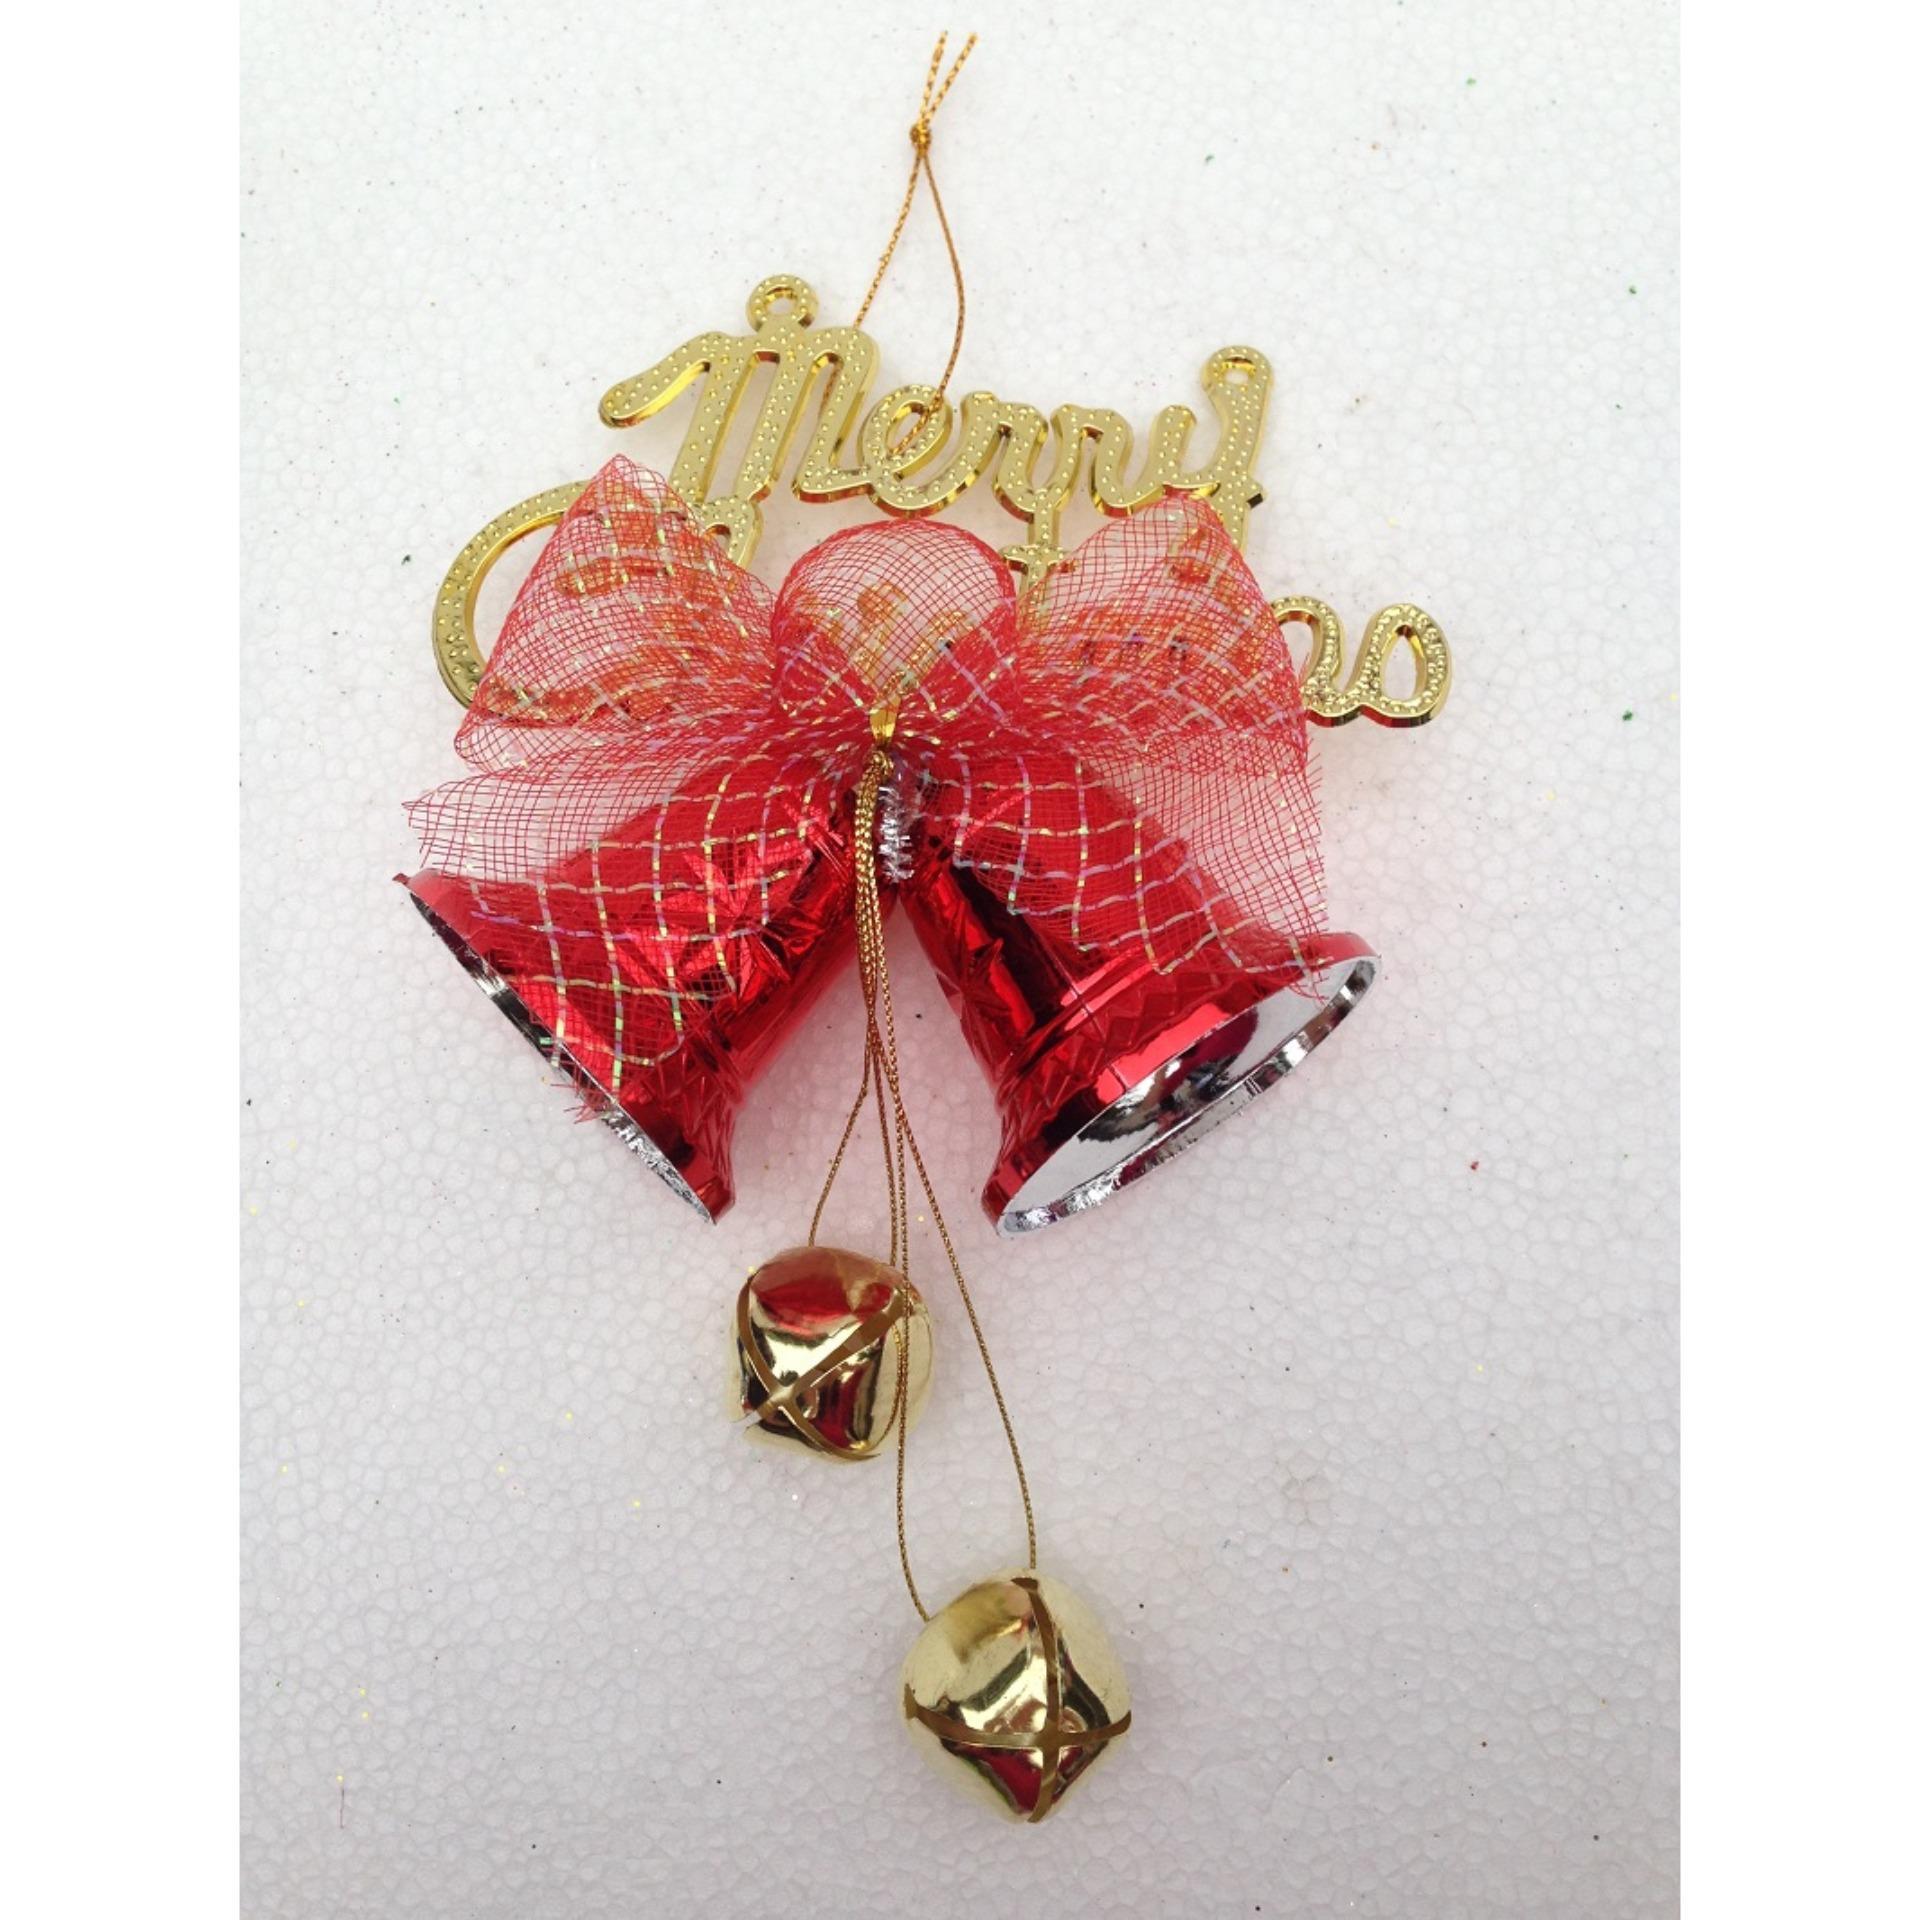 Giá Sốc Chùm chuông đôi có nơ đường kính 6cm – Đồ trang trí cây thông Giáng Sinh